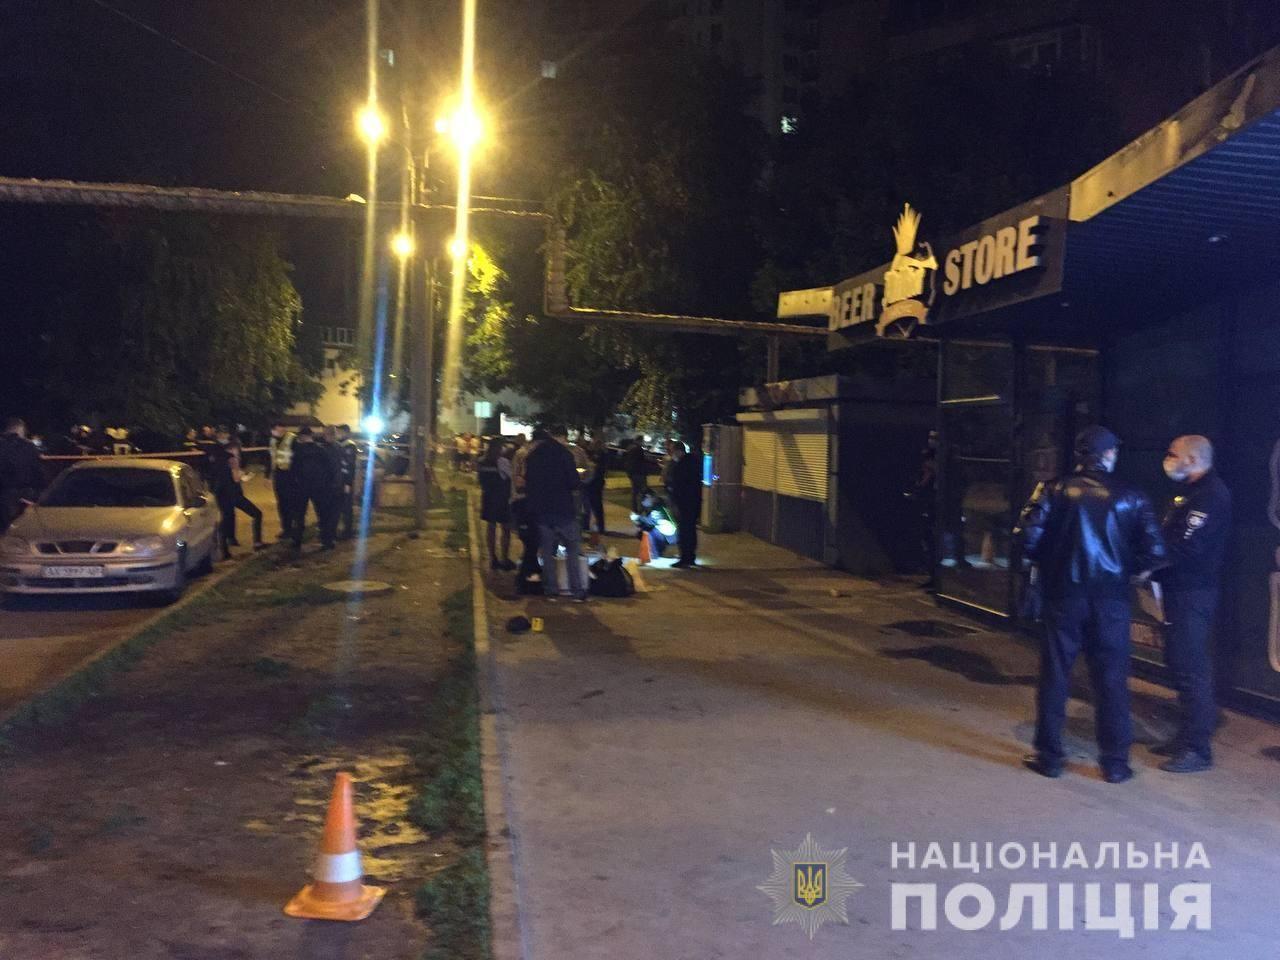 У Харкові чоловік жбурнув гранату в групу людей, п'ятеро постраждалих